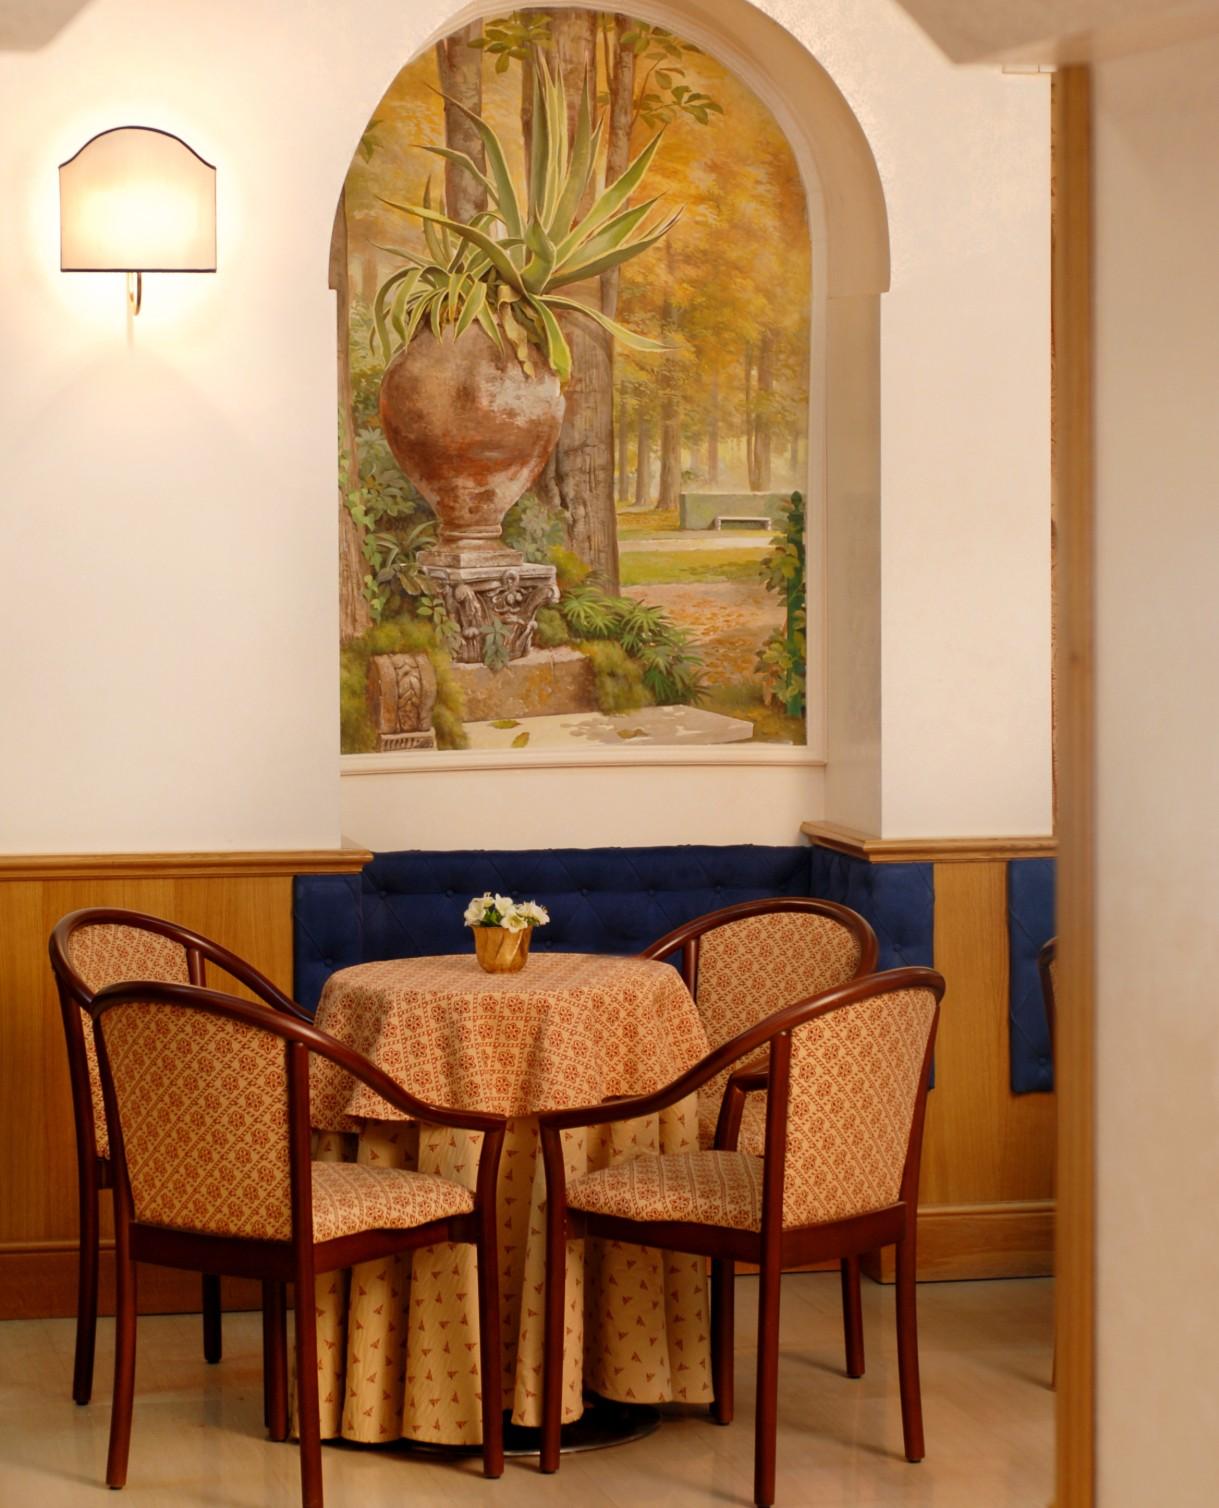 Servizi Hotel Argentina a Fiuggi Albergo a Fiuggi Vacanze ...